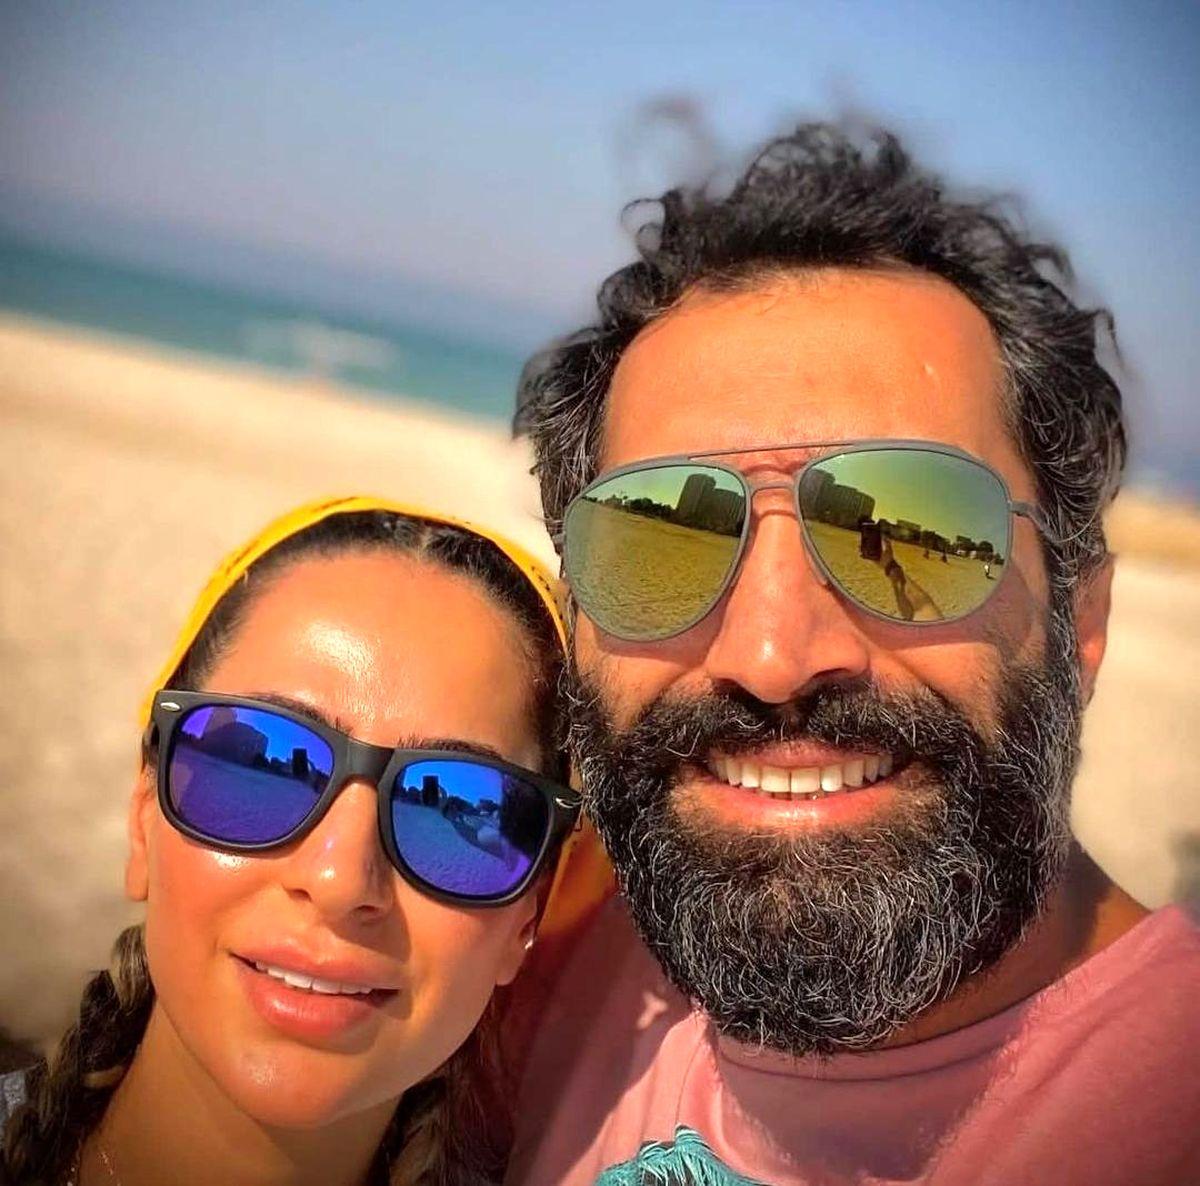 هادی کاظمی و سمانه پاکدل لب ساحل / ماجرای لباس نامتعارف چیست + عکس دونفره